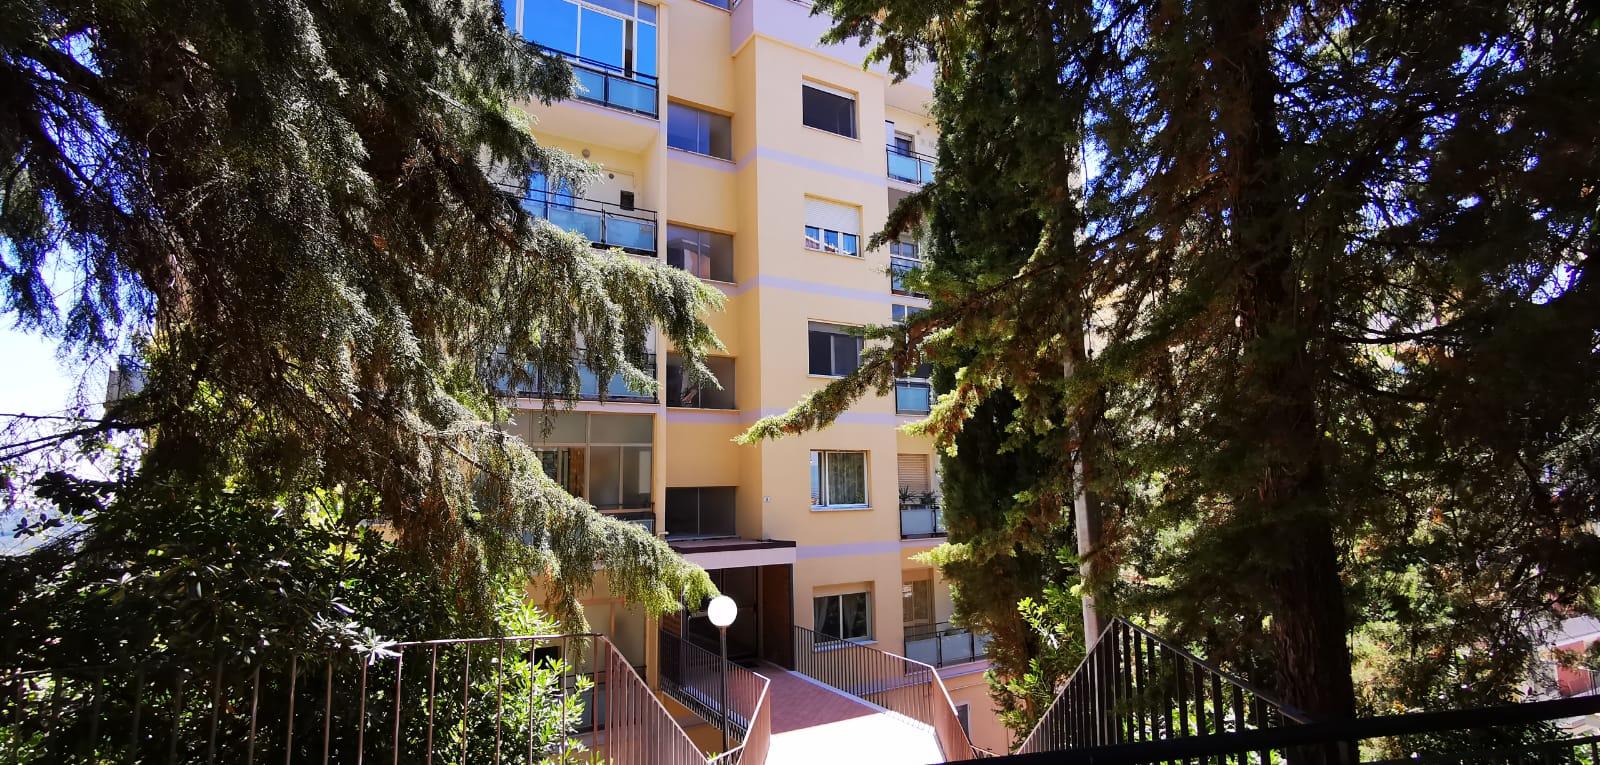 Appartamento in vendita Via R. De Novellis Chieti (CH)